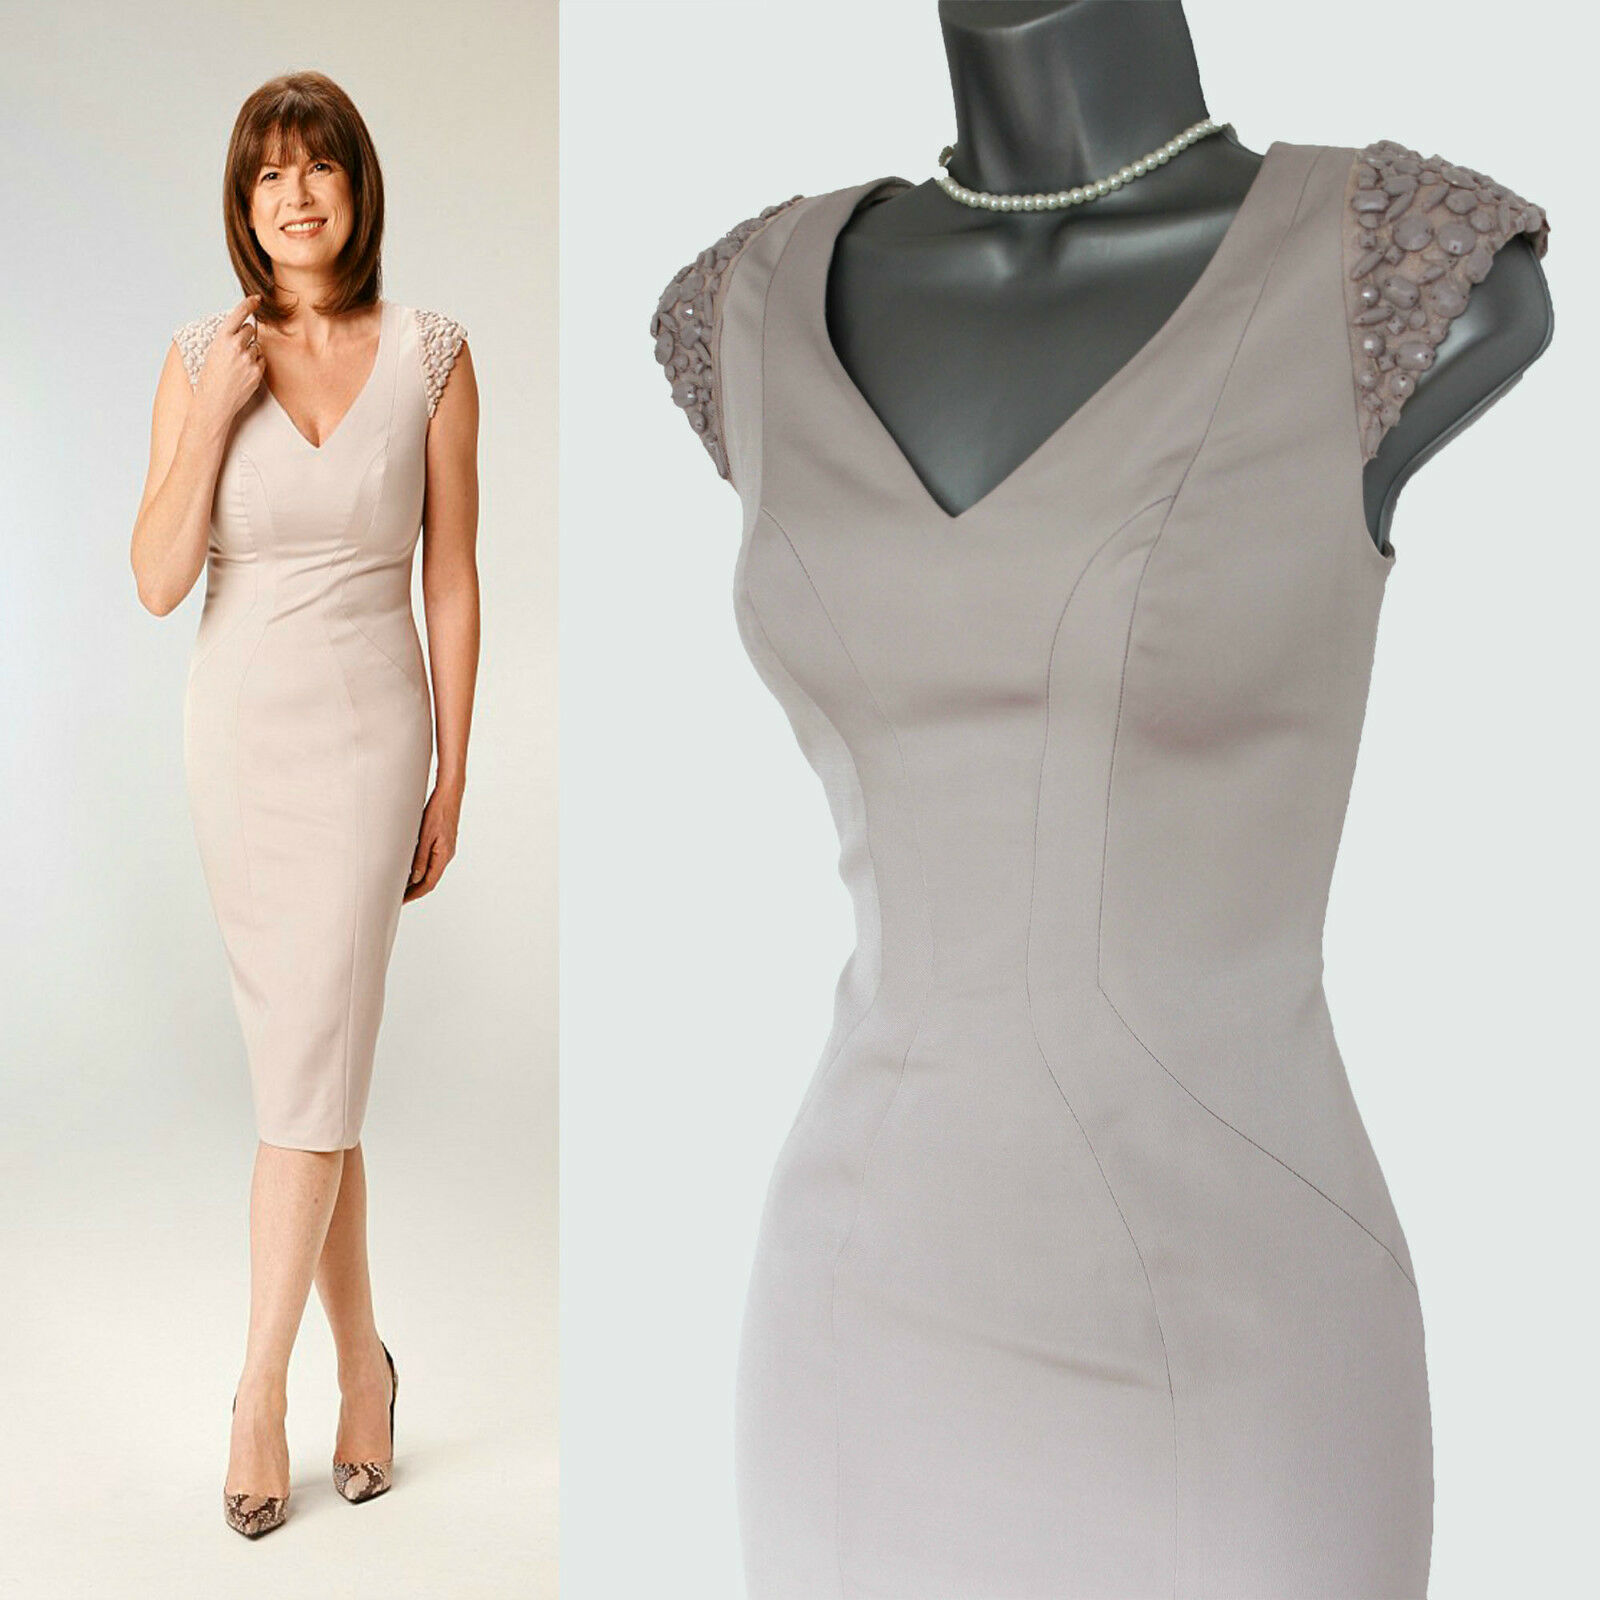 COAST Nude Shoulder Detail Zip On The Back Formal TailGoldt Dress UK 8  EU 36